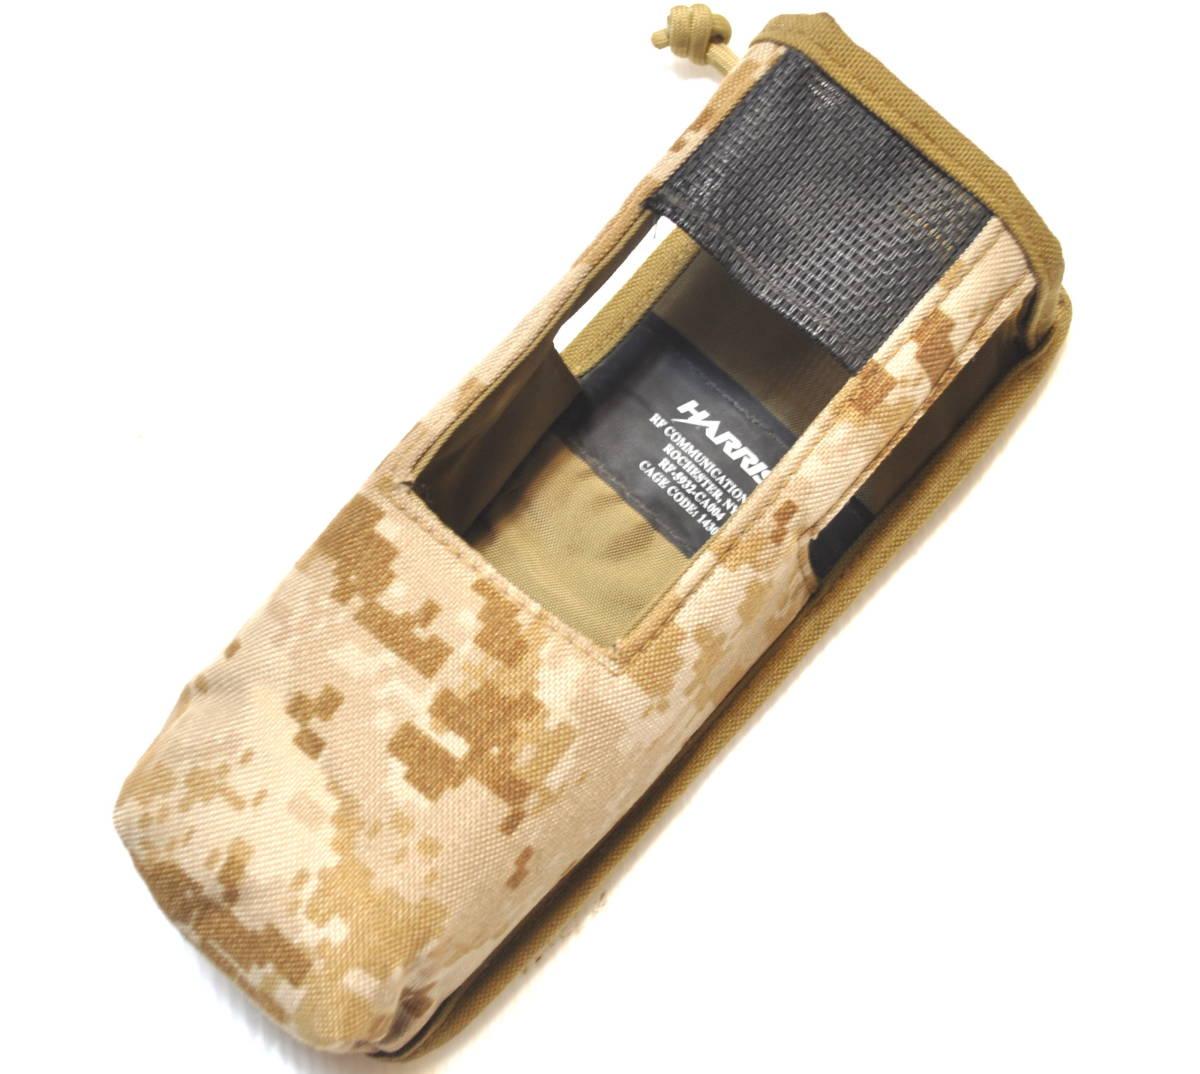 新品同様 米軍放出品 HARRIS ハリス AN/PRC-152 AOR デザート デジタル迷彩 無線機 ラジオポーチ/ USMC marsoc recon seals FSBE_画像1